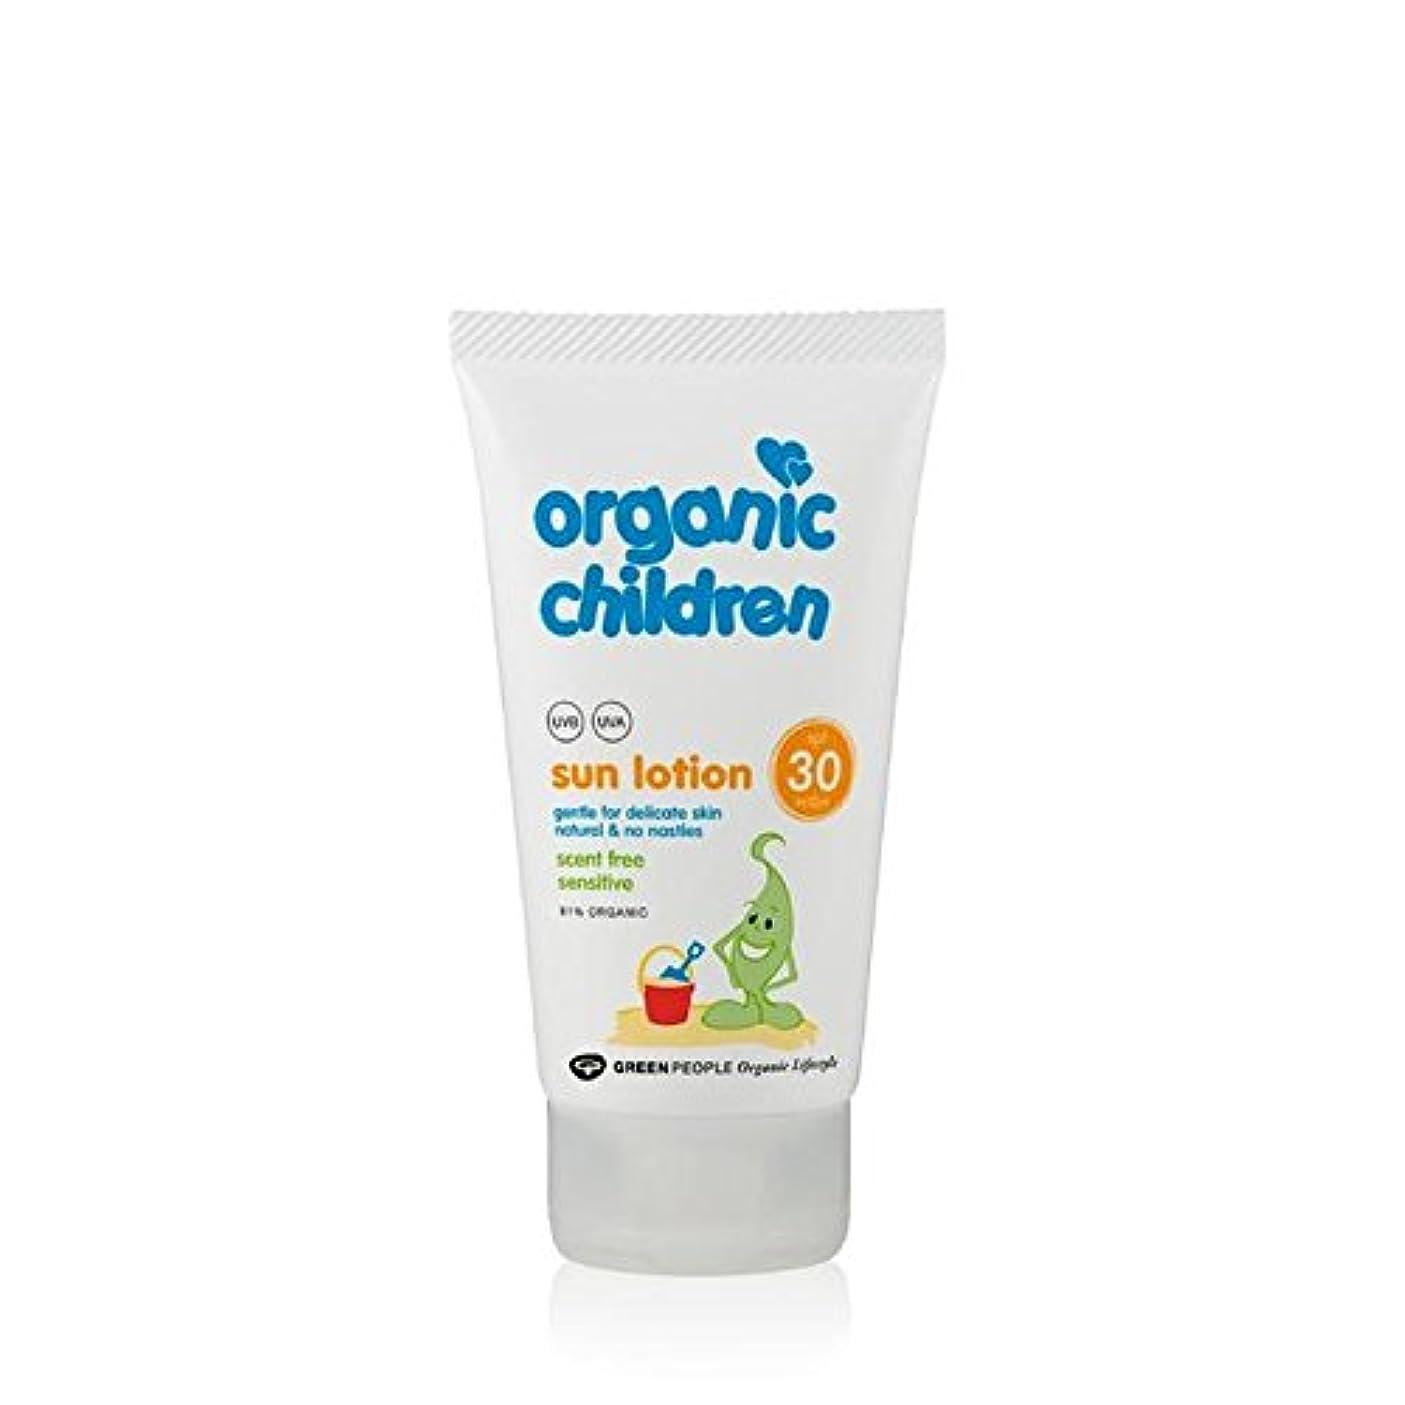 記事かもしれない魅力有機子ども30の香り無料のサンローション150 x4 - Organic Children SPF30 Scent Free Sun Lotion 150ml (Pack of 4) [並行輸入品]